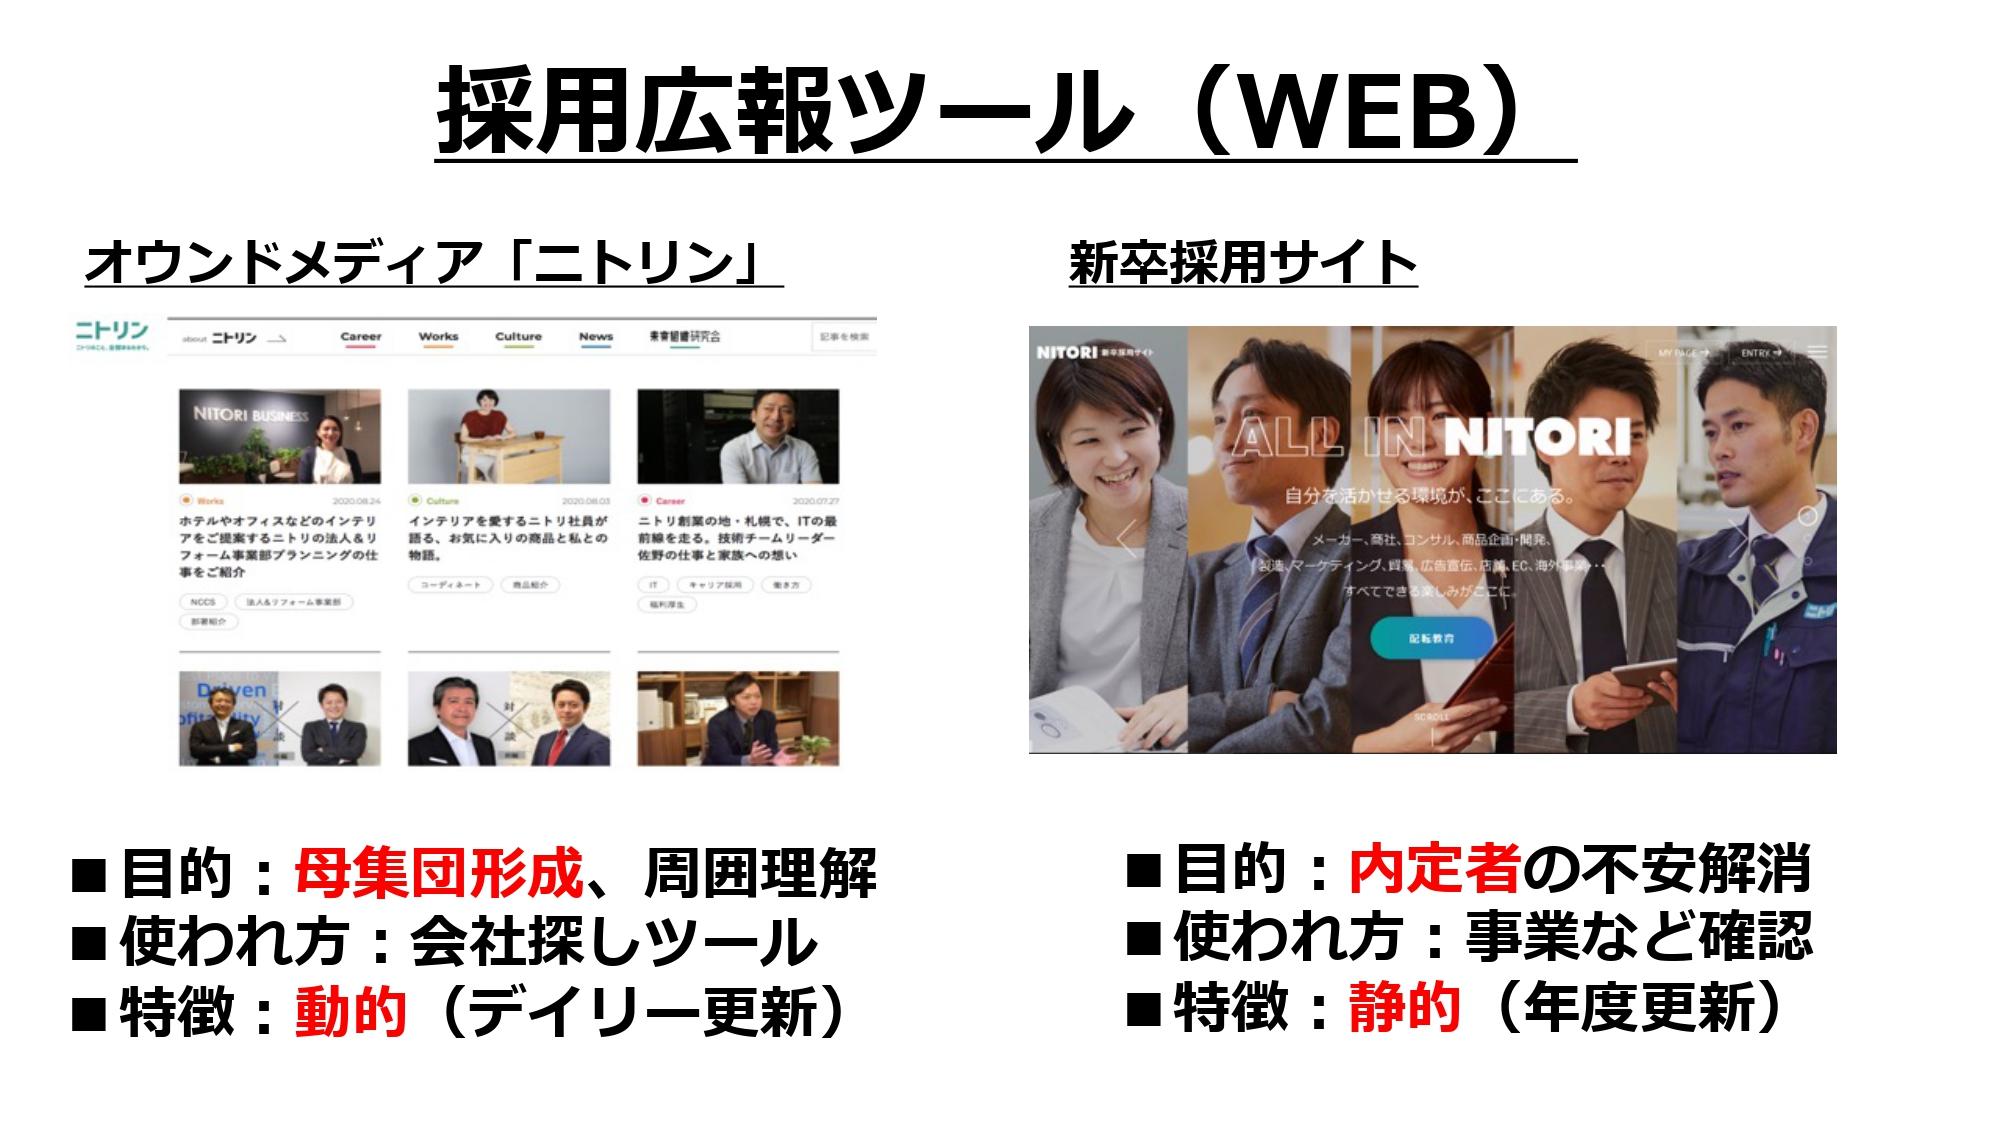 採用広報ツール(WEB)